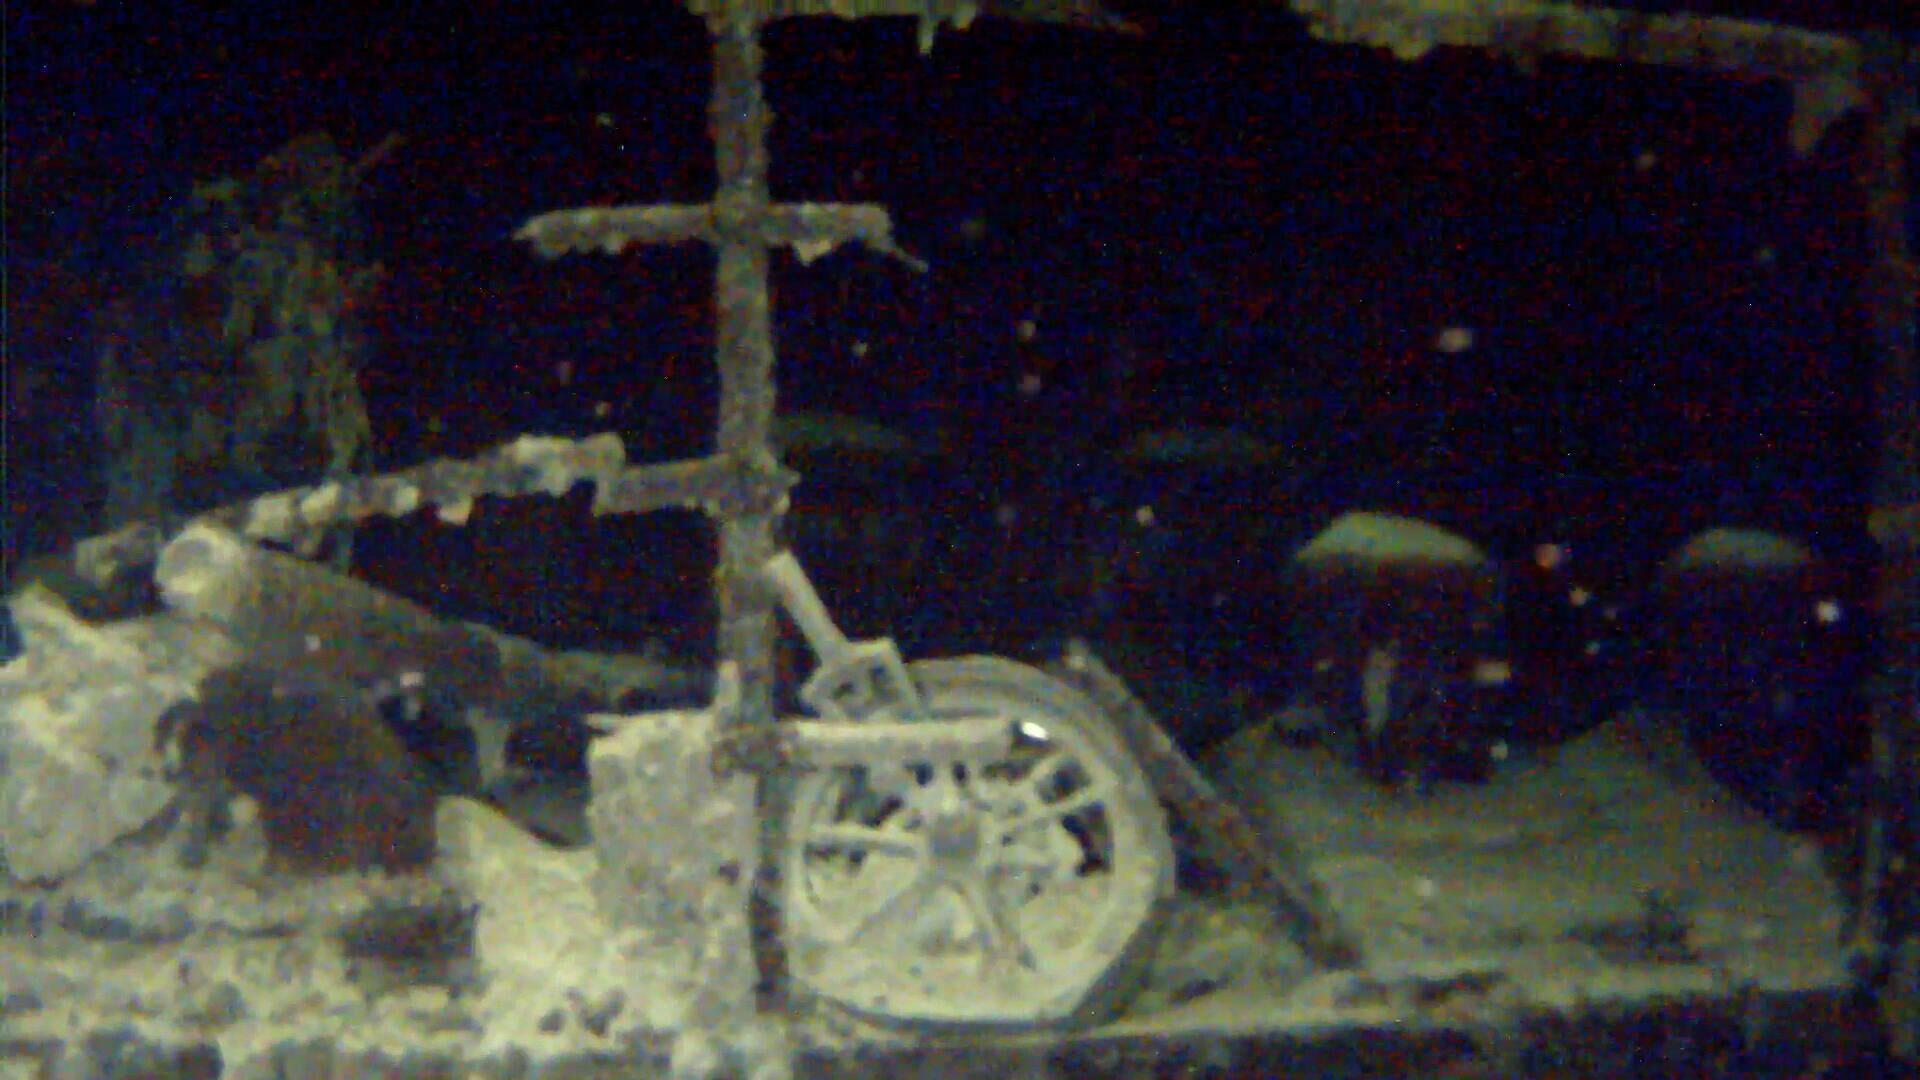 Потопленный немцами в годы Великой Отечественной войны советский теплоход Армения - РИА Новости, 1920, 09.05.2020